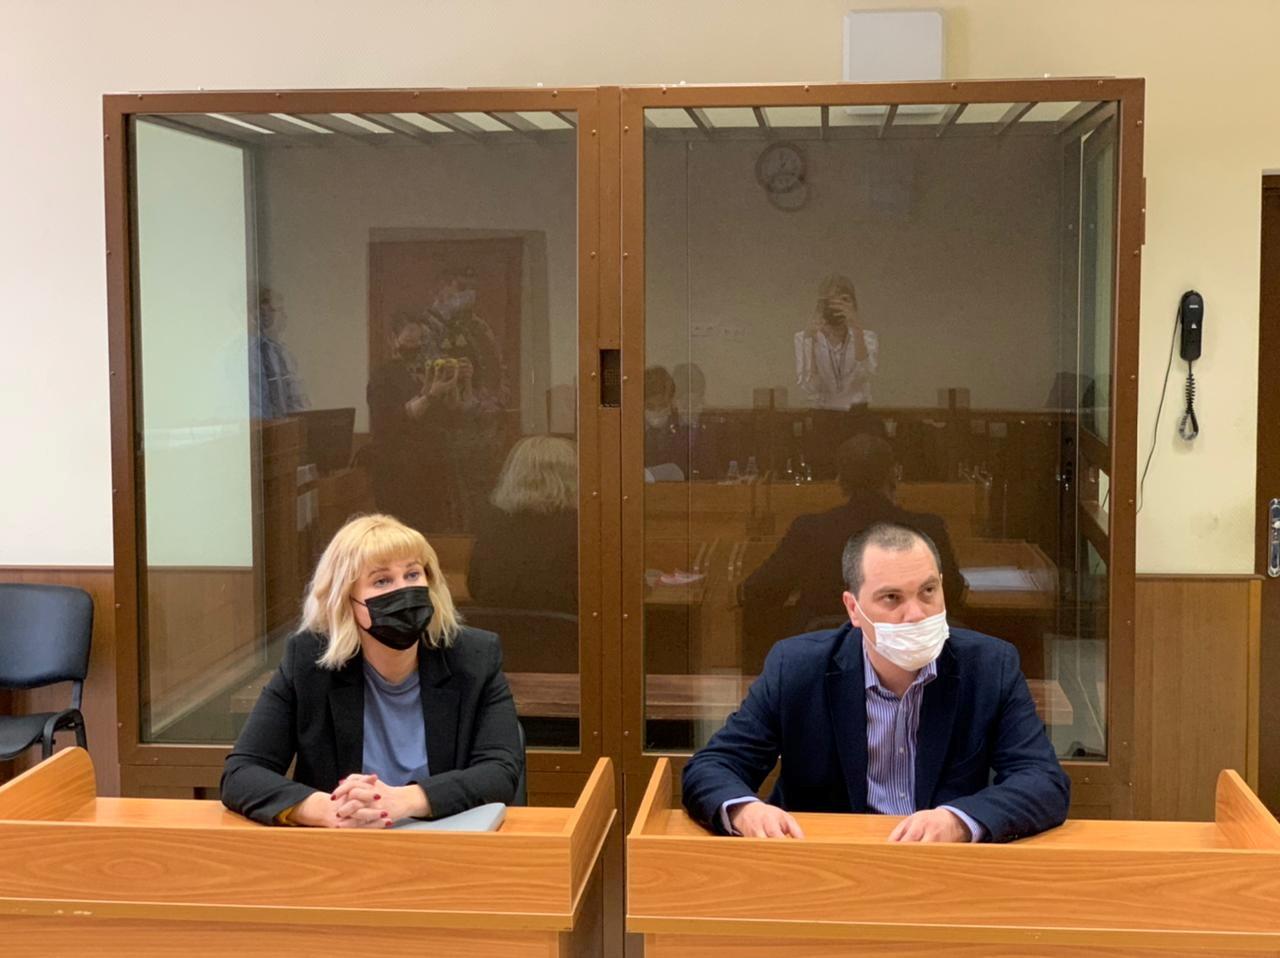 Olga Mihailova un Vadims Kobzevs, Krievijas opozīcijas līdera Alekseja Navaļnija advokāti, pirms tiesas sēdes tiek skatīti tiesas zālē, lai izskatītu apelācijas sūdzību par agrāku tiesas lēmumu, kurā Navaļnijs atzīts par vainīgu Krievijas Otrā pasaules kara veterāna nomelnošanā, Maskavā, Krievijā, 29. aprīlī , 2021. Maskavas Babuškinska rajona tiesas preses dienests / izdales materiāls, izmantojot REUTERS